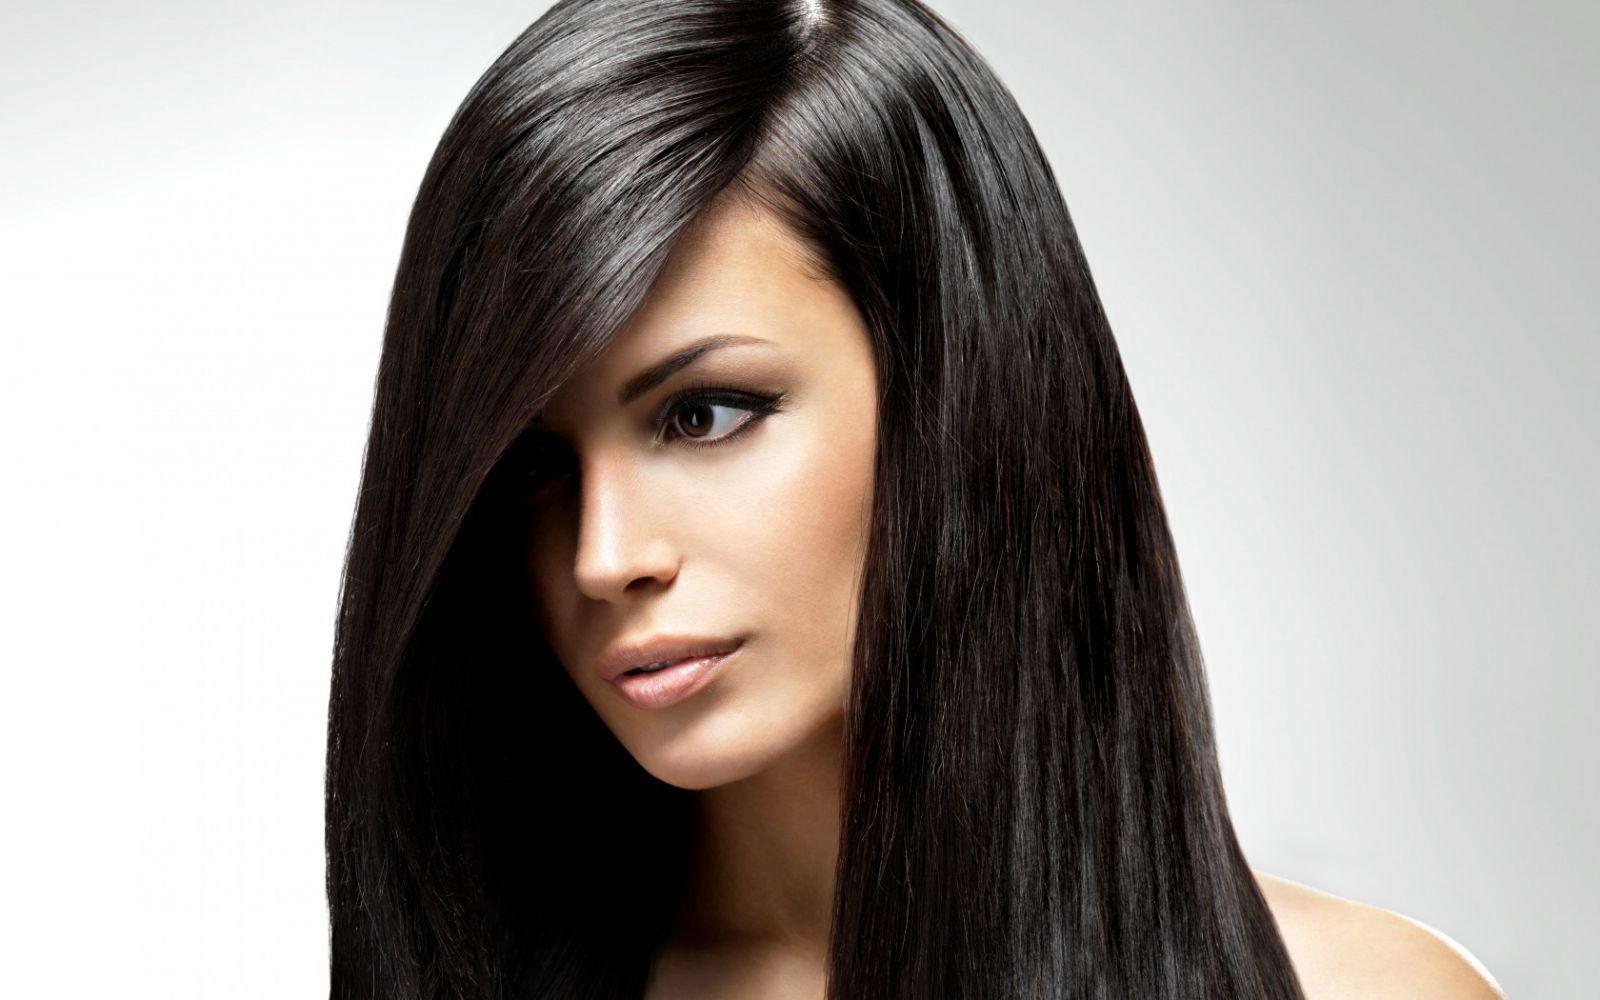 Цвет лобковых волос фото 4 фотография